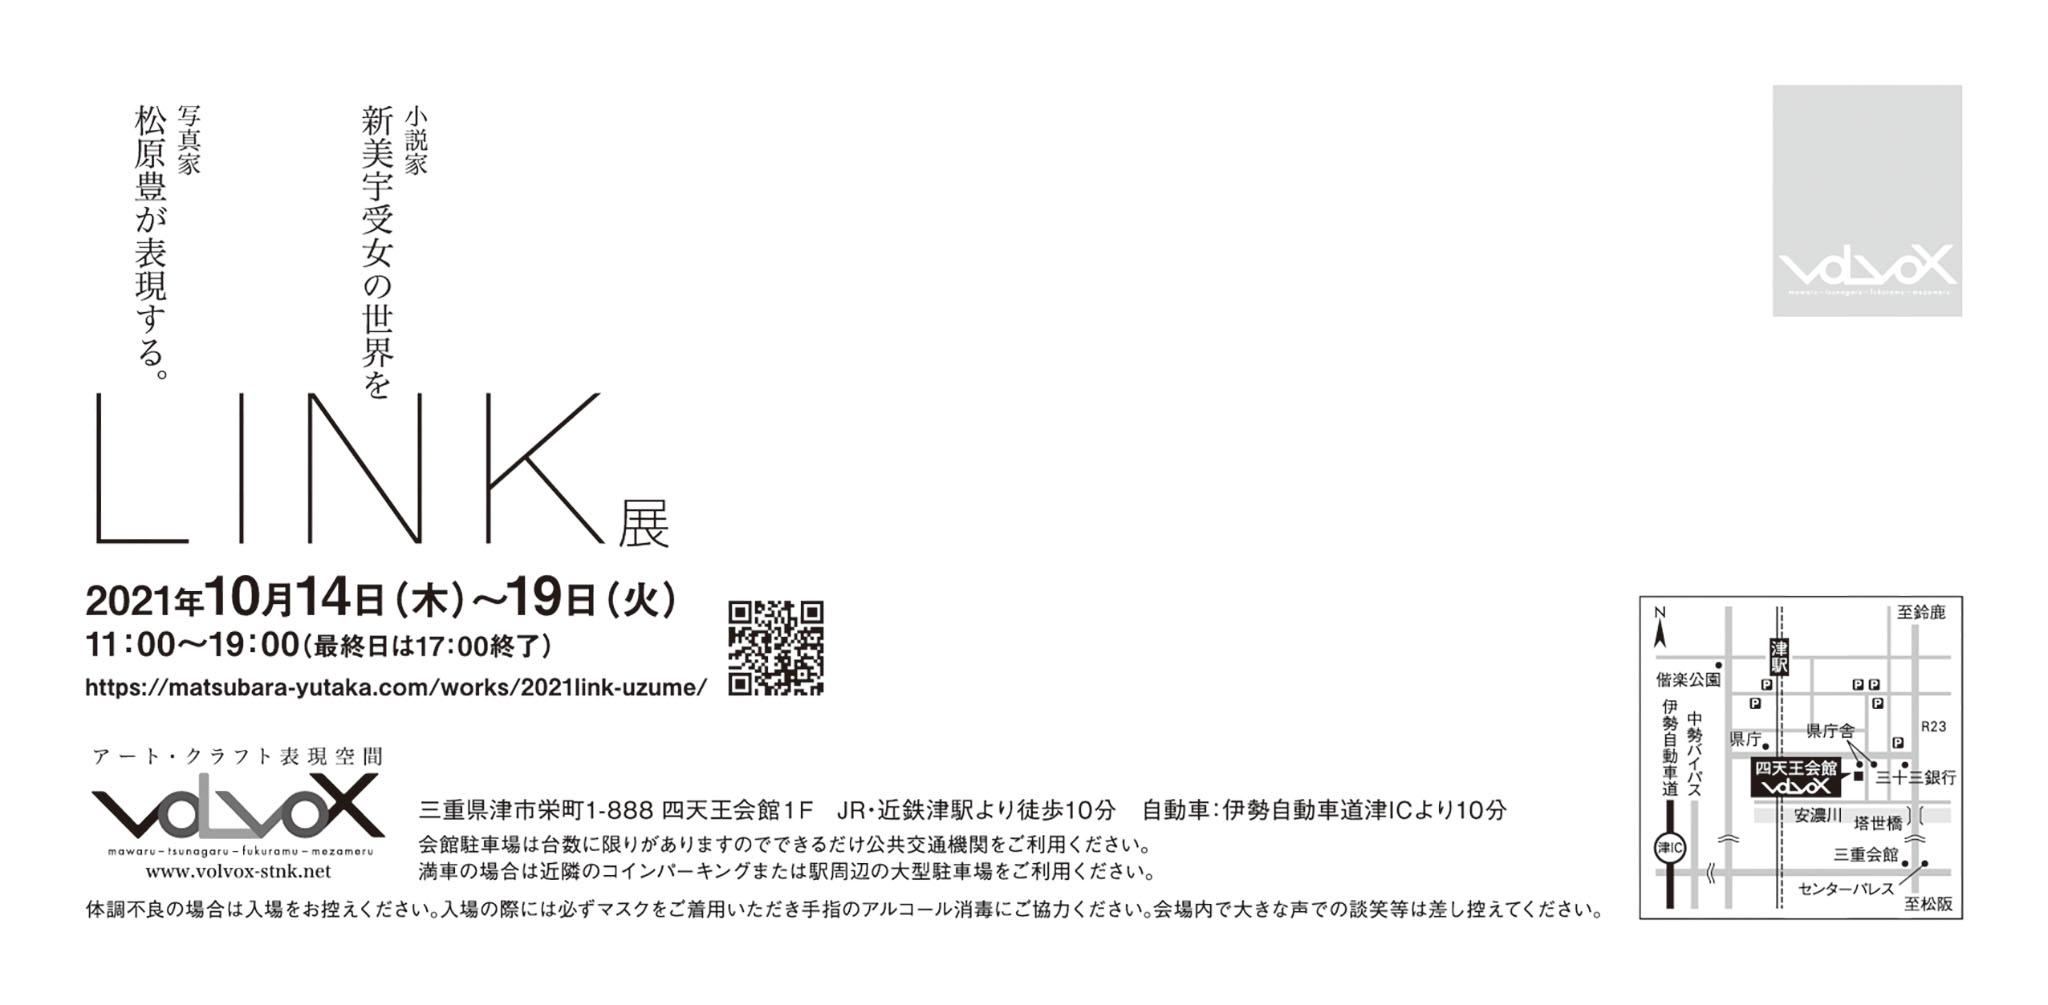 2021年LINK展 三重県津市アート空間VOLVOX